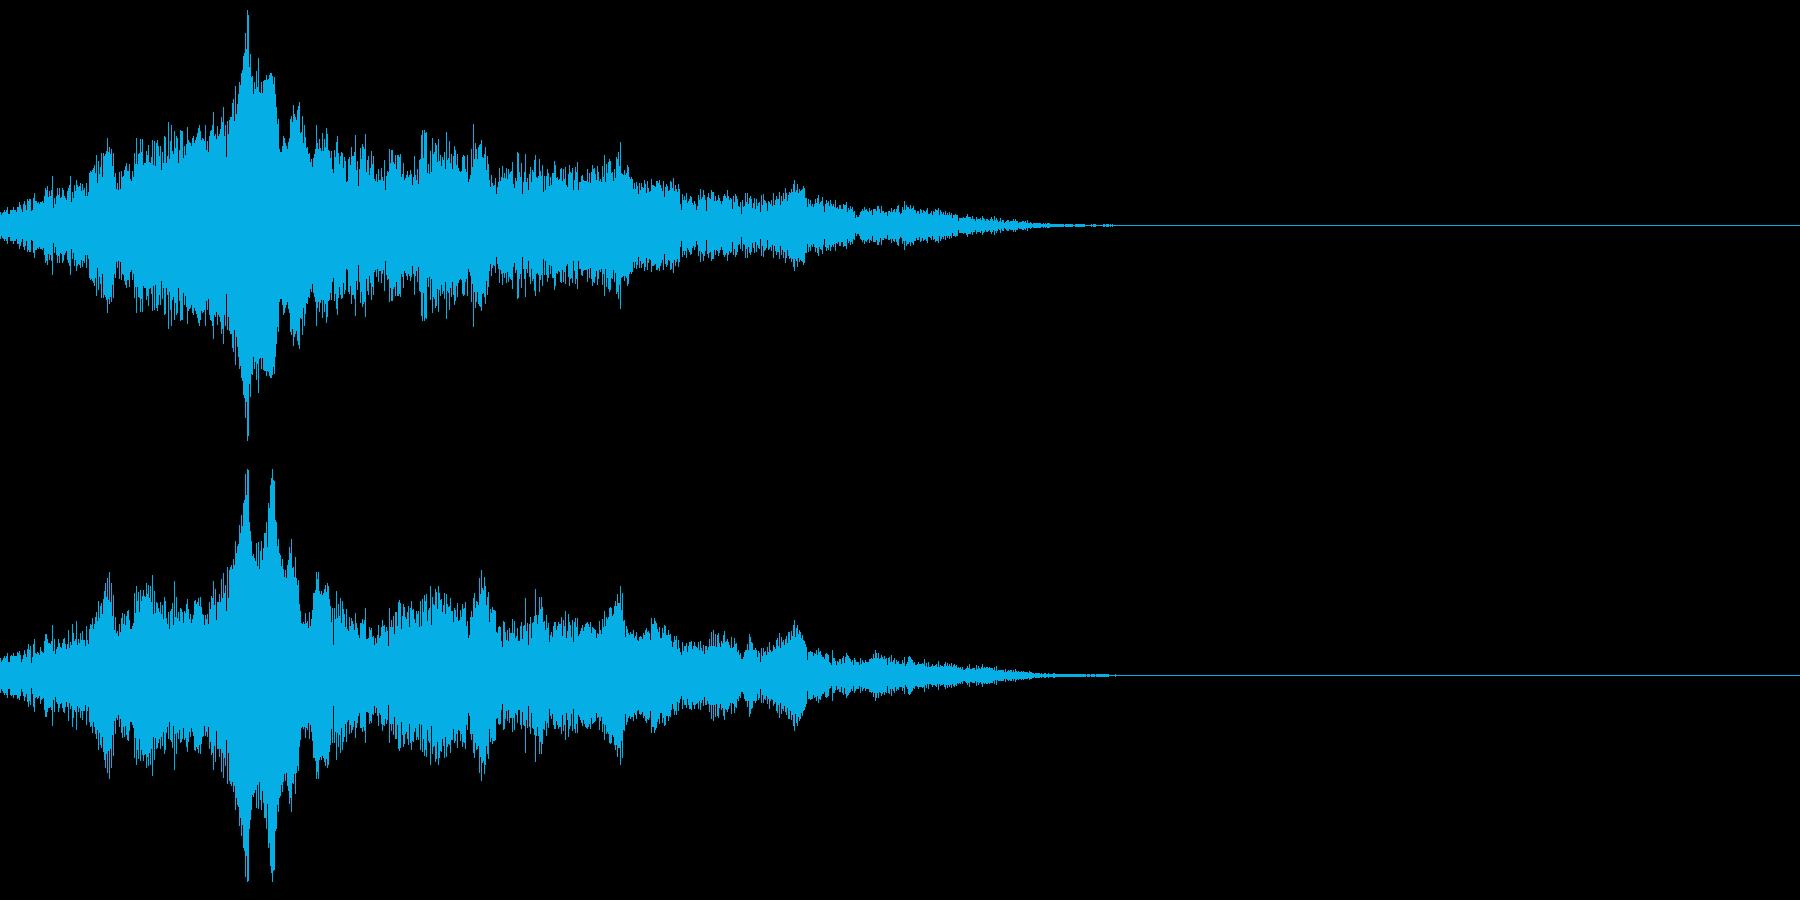 機械が動き出す音の再生済みの波形